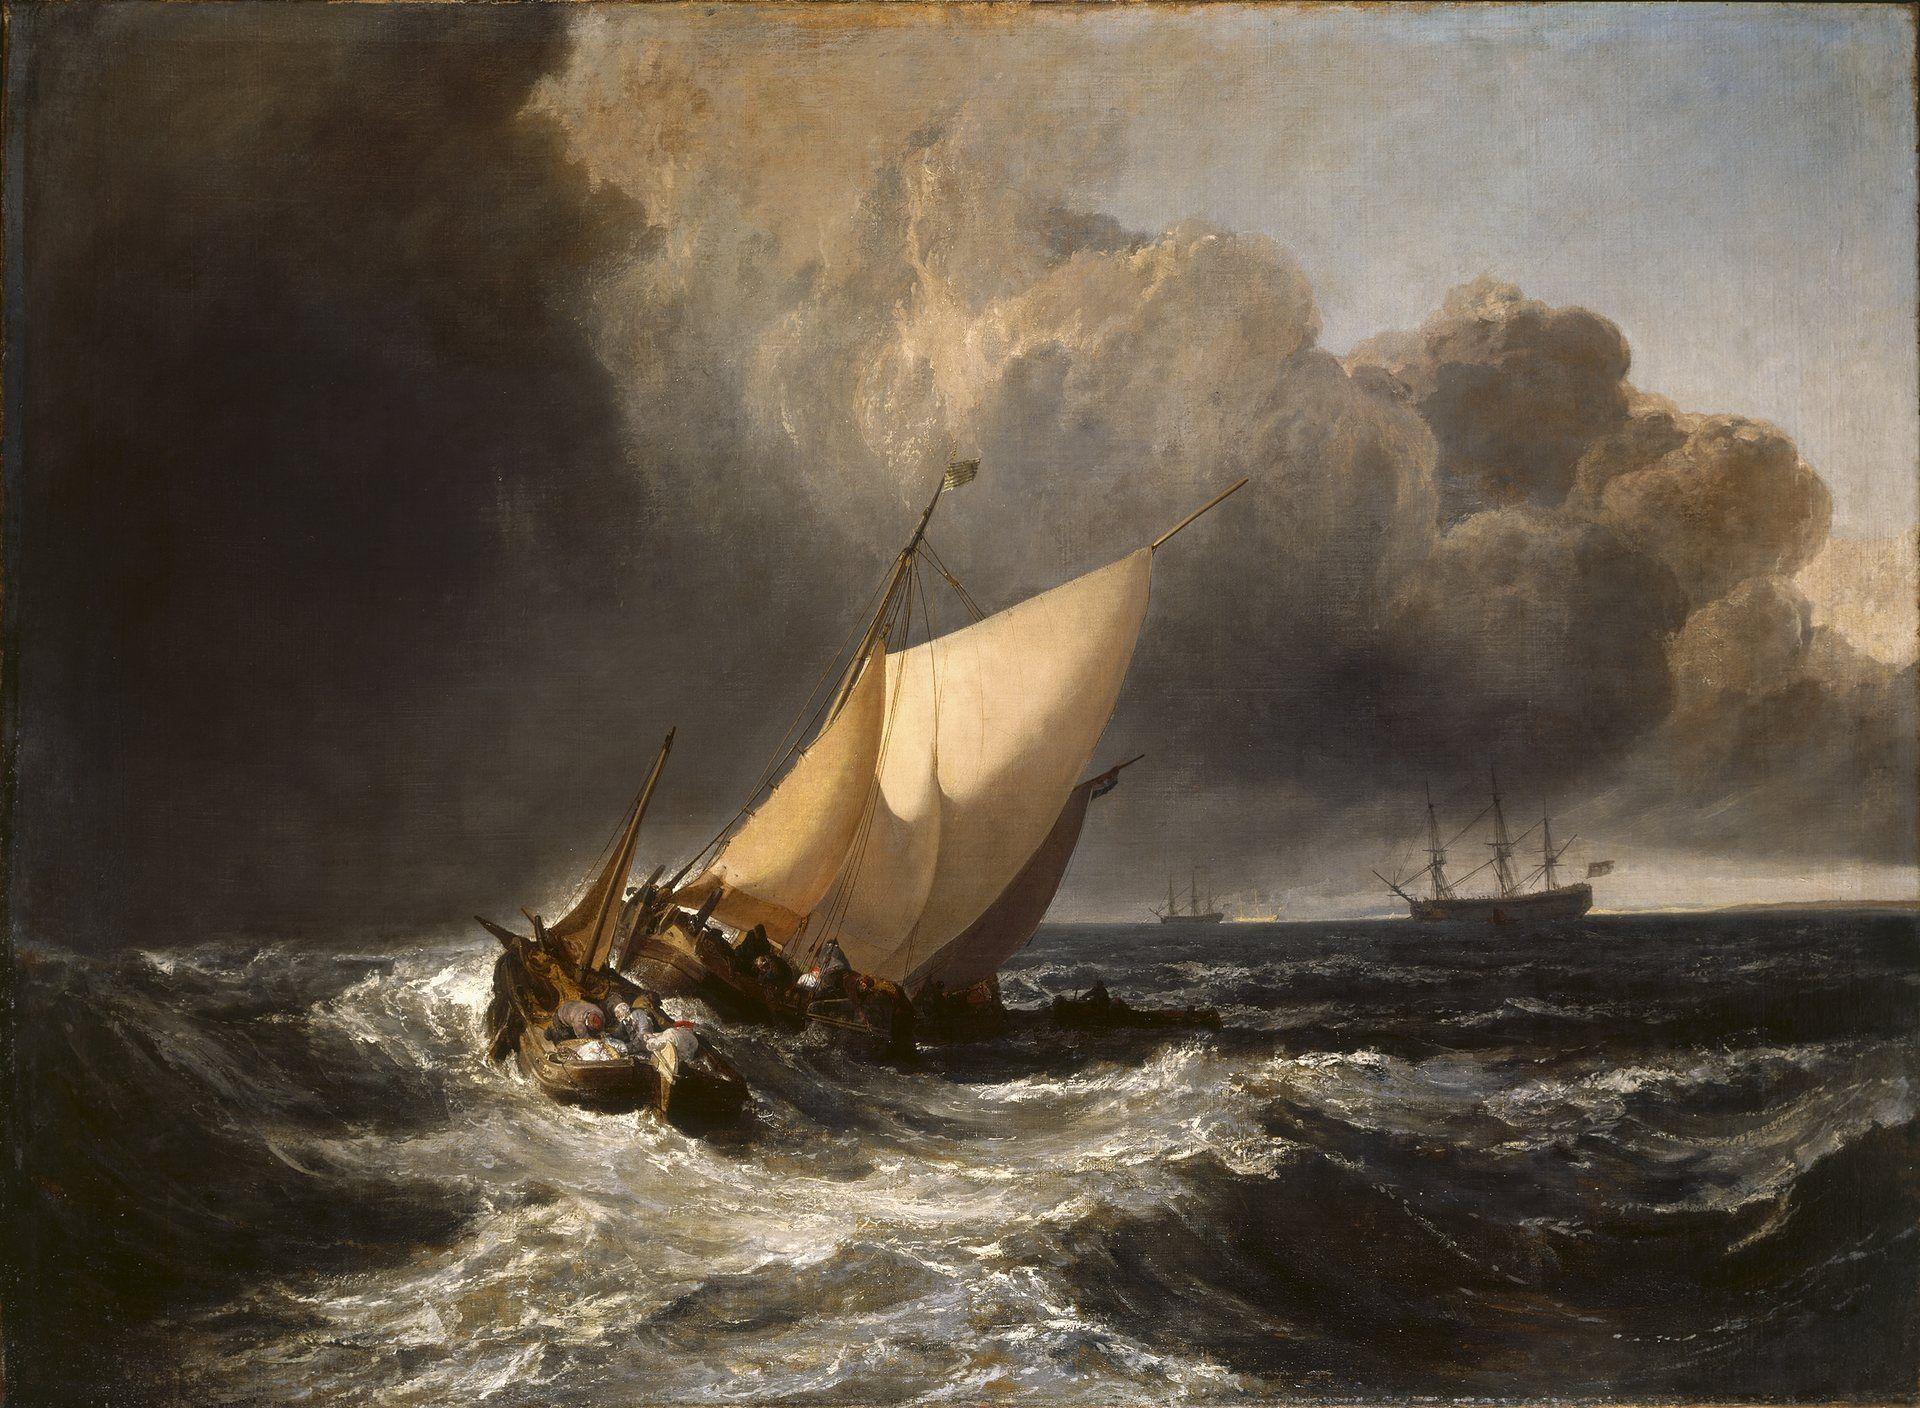 картина Голландские рыбачьи лодки, застигнутые бурей :: Уильям Тёрнер ( William Turner ) - William Turner фото